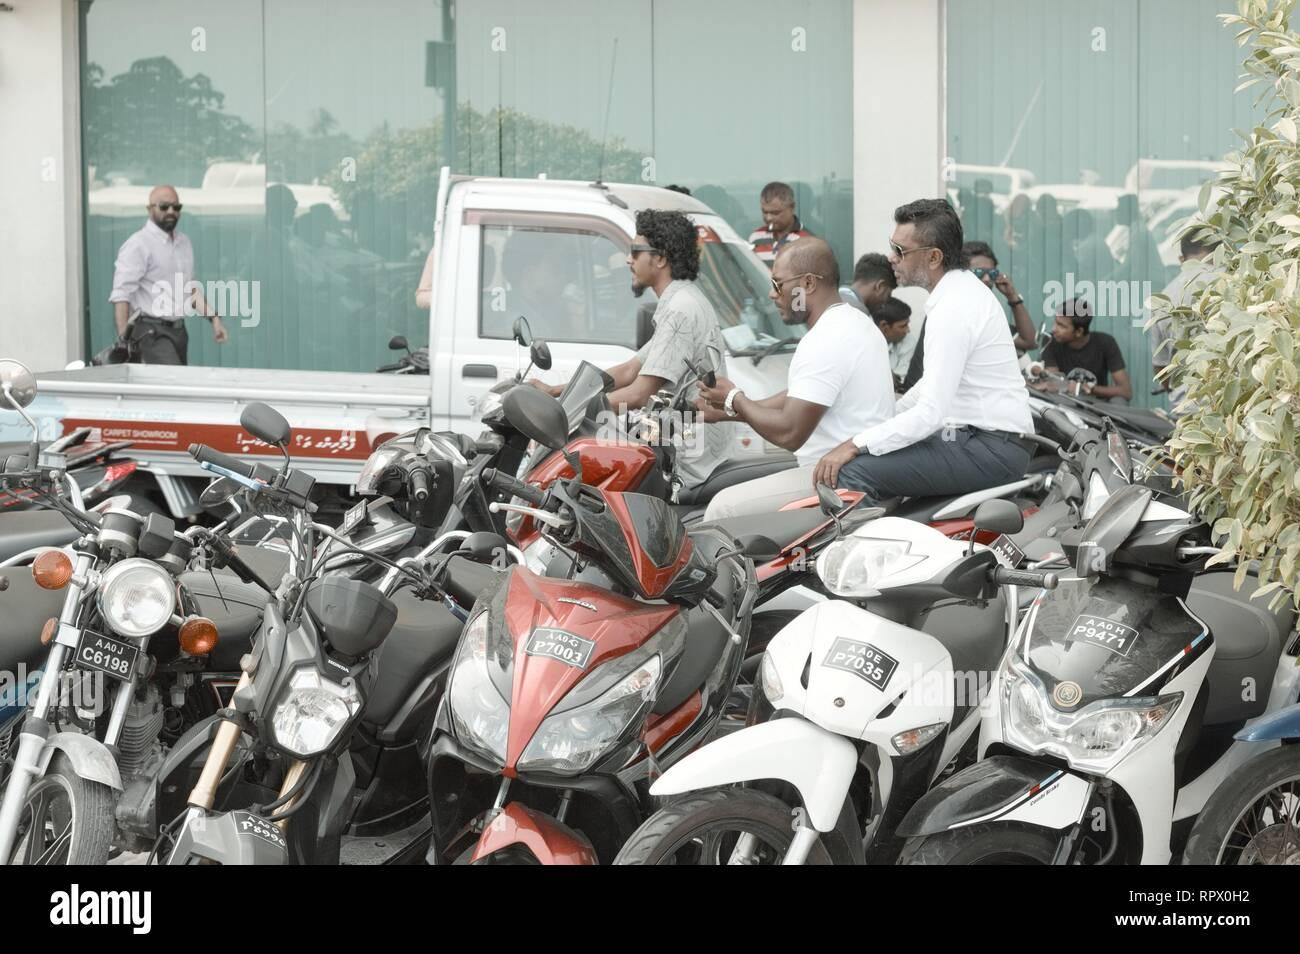 Homme, Maldives - 20 décembre 2018: les gens sur le scooter dans le trafic Photo Stock